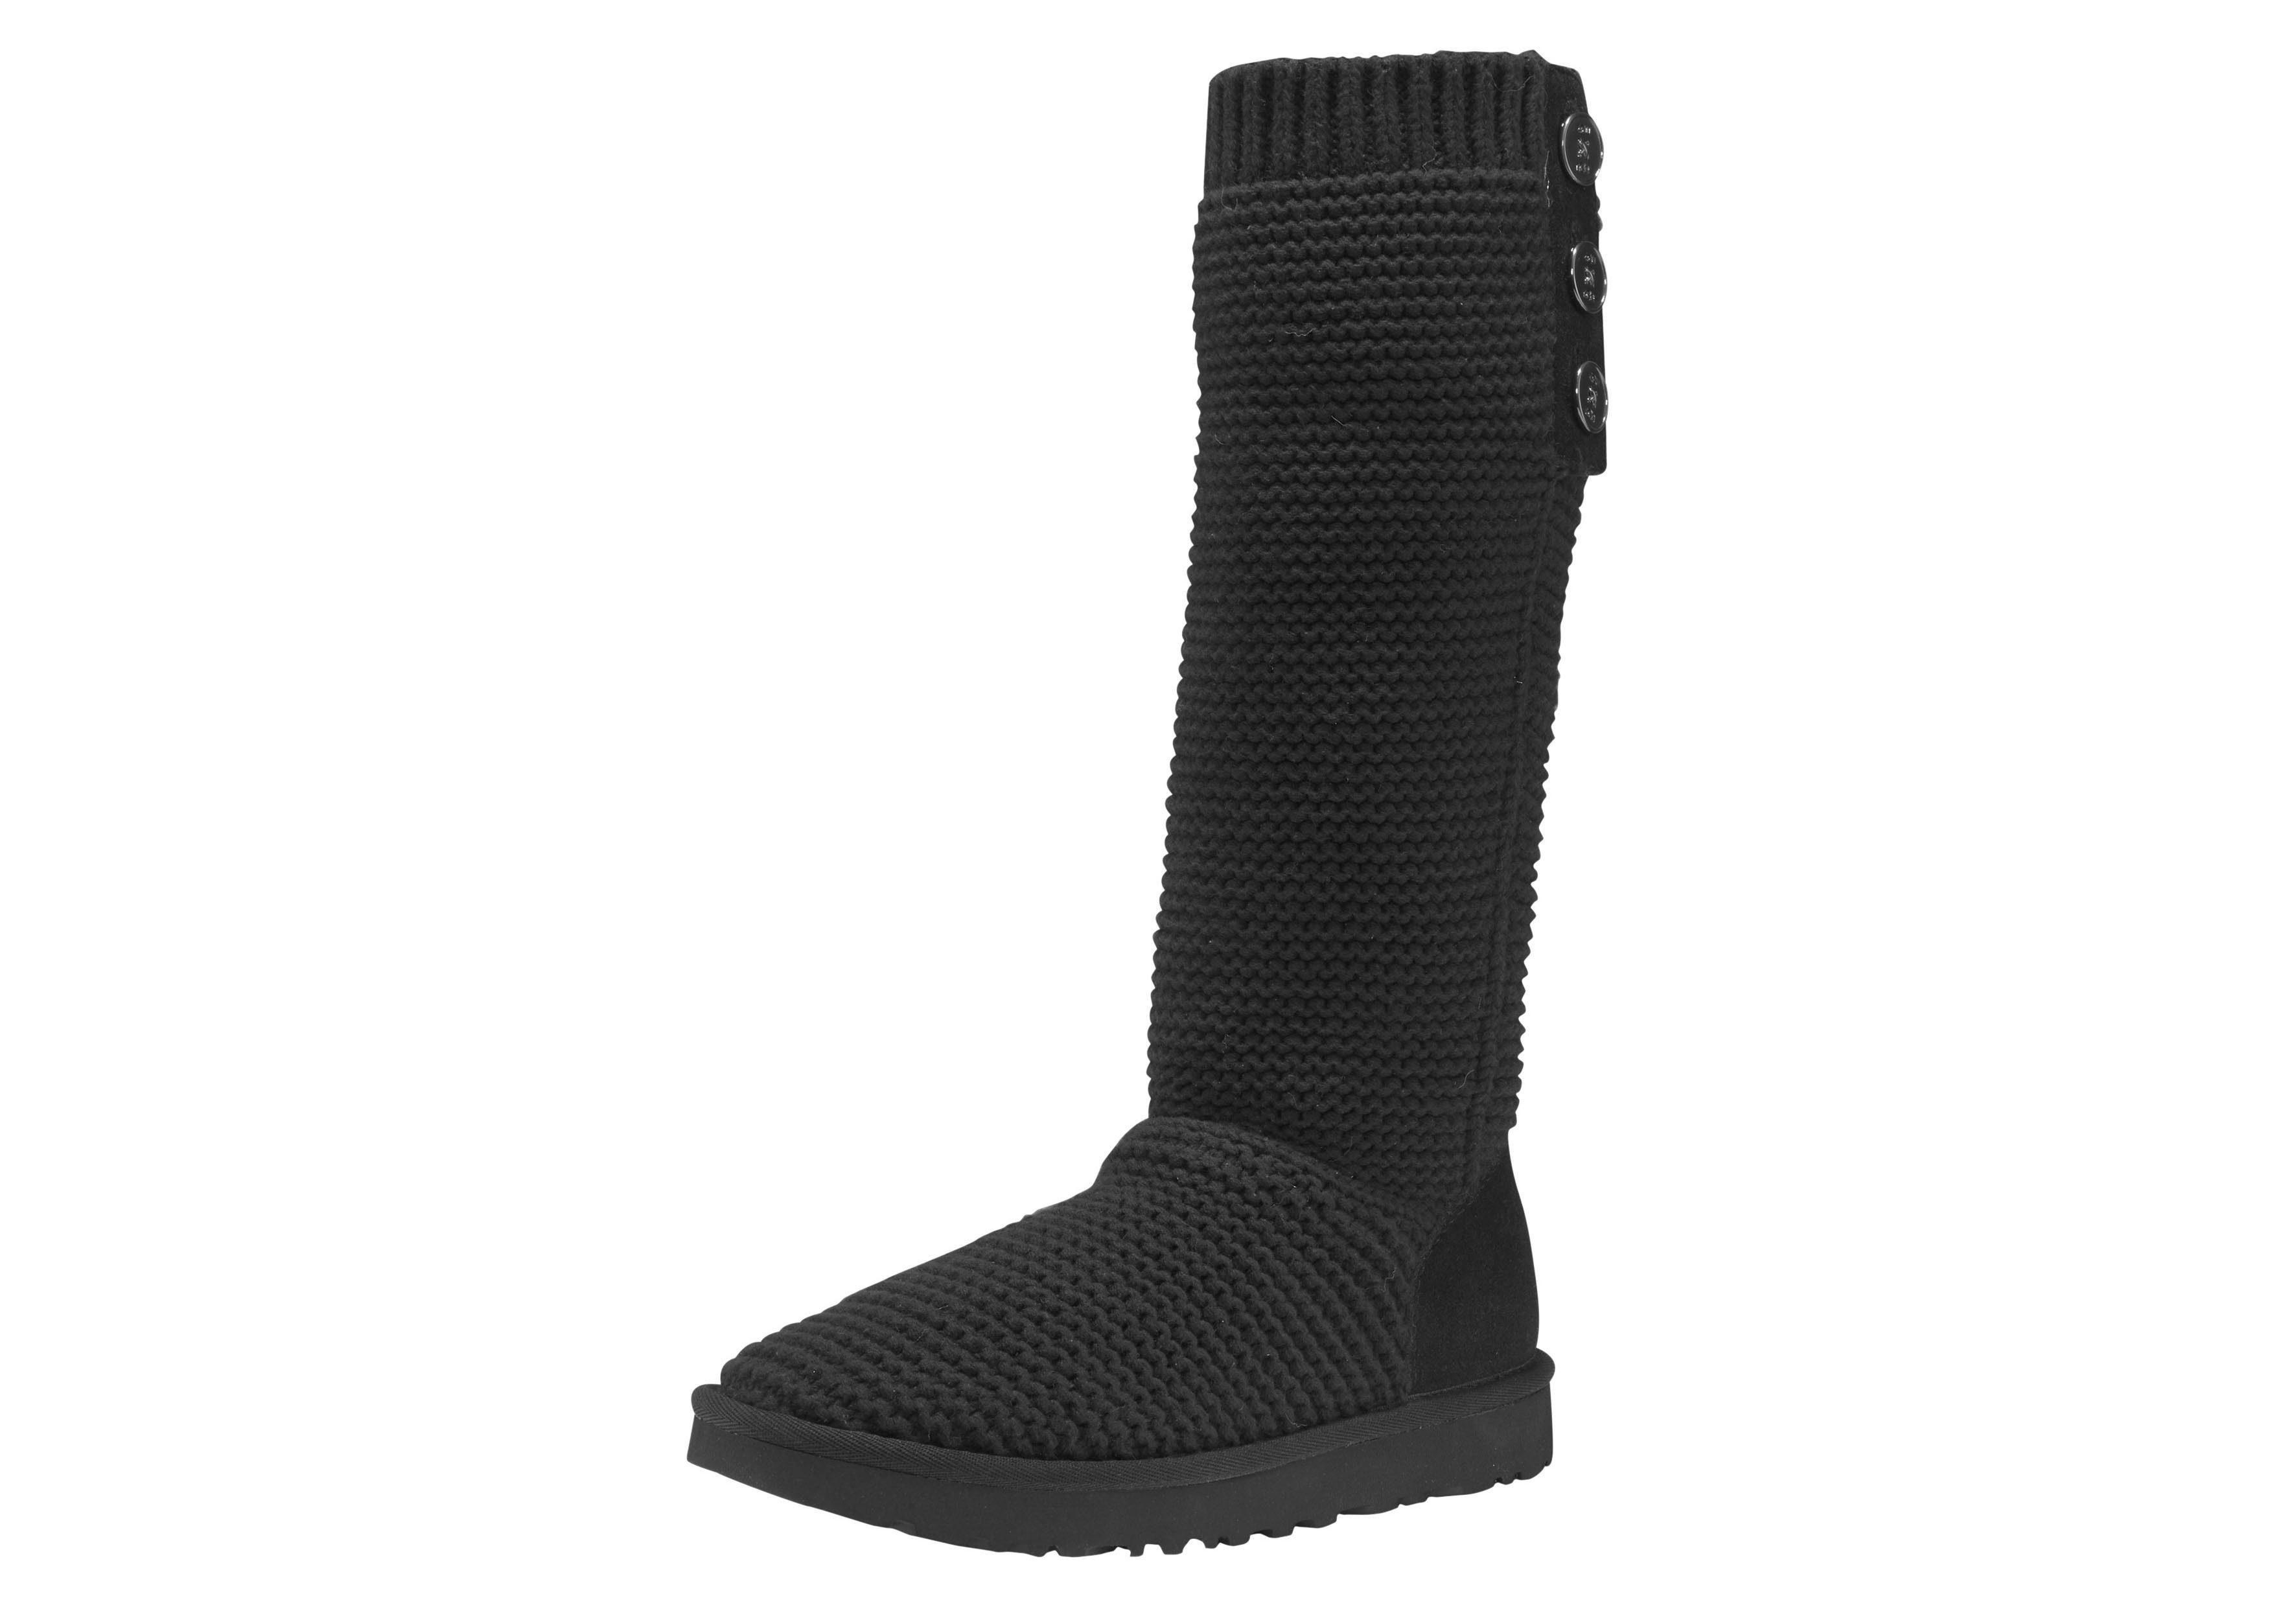 Ugg Stiefel gebraucht kaufen! Nur noch 2 St. bis 60% günstiger